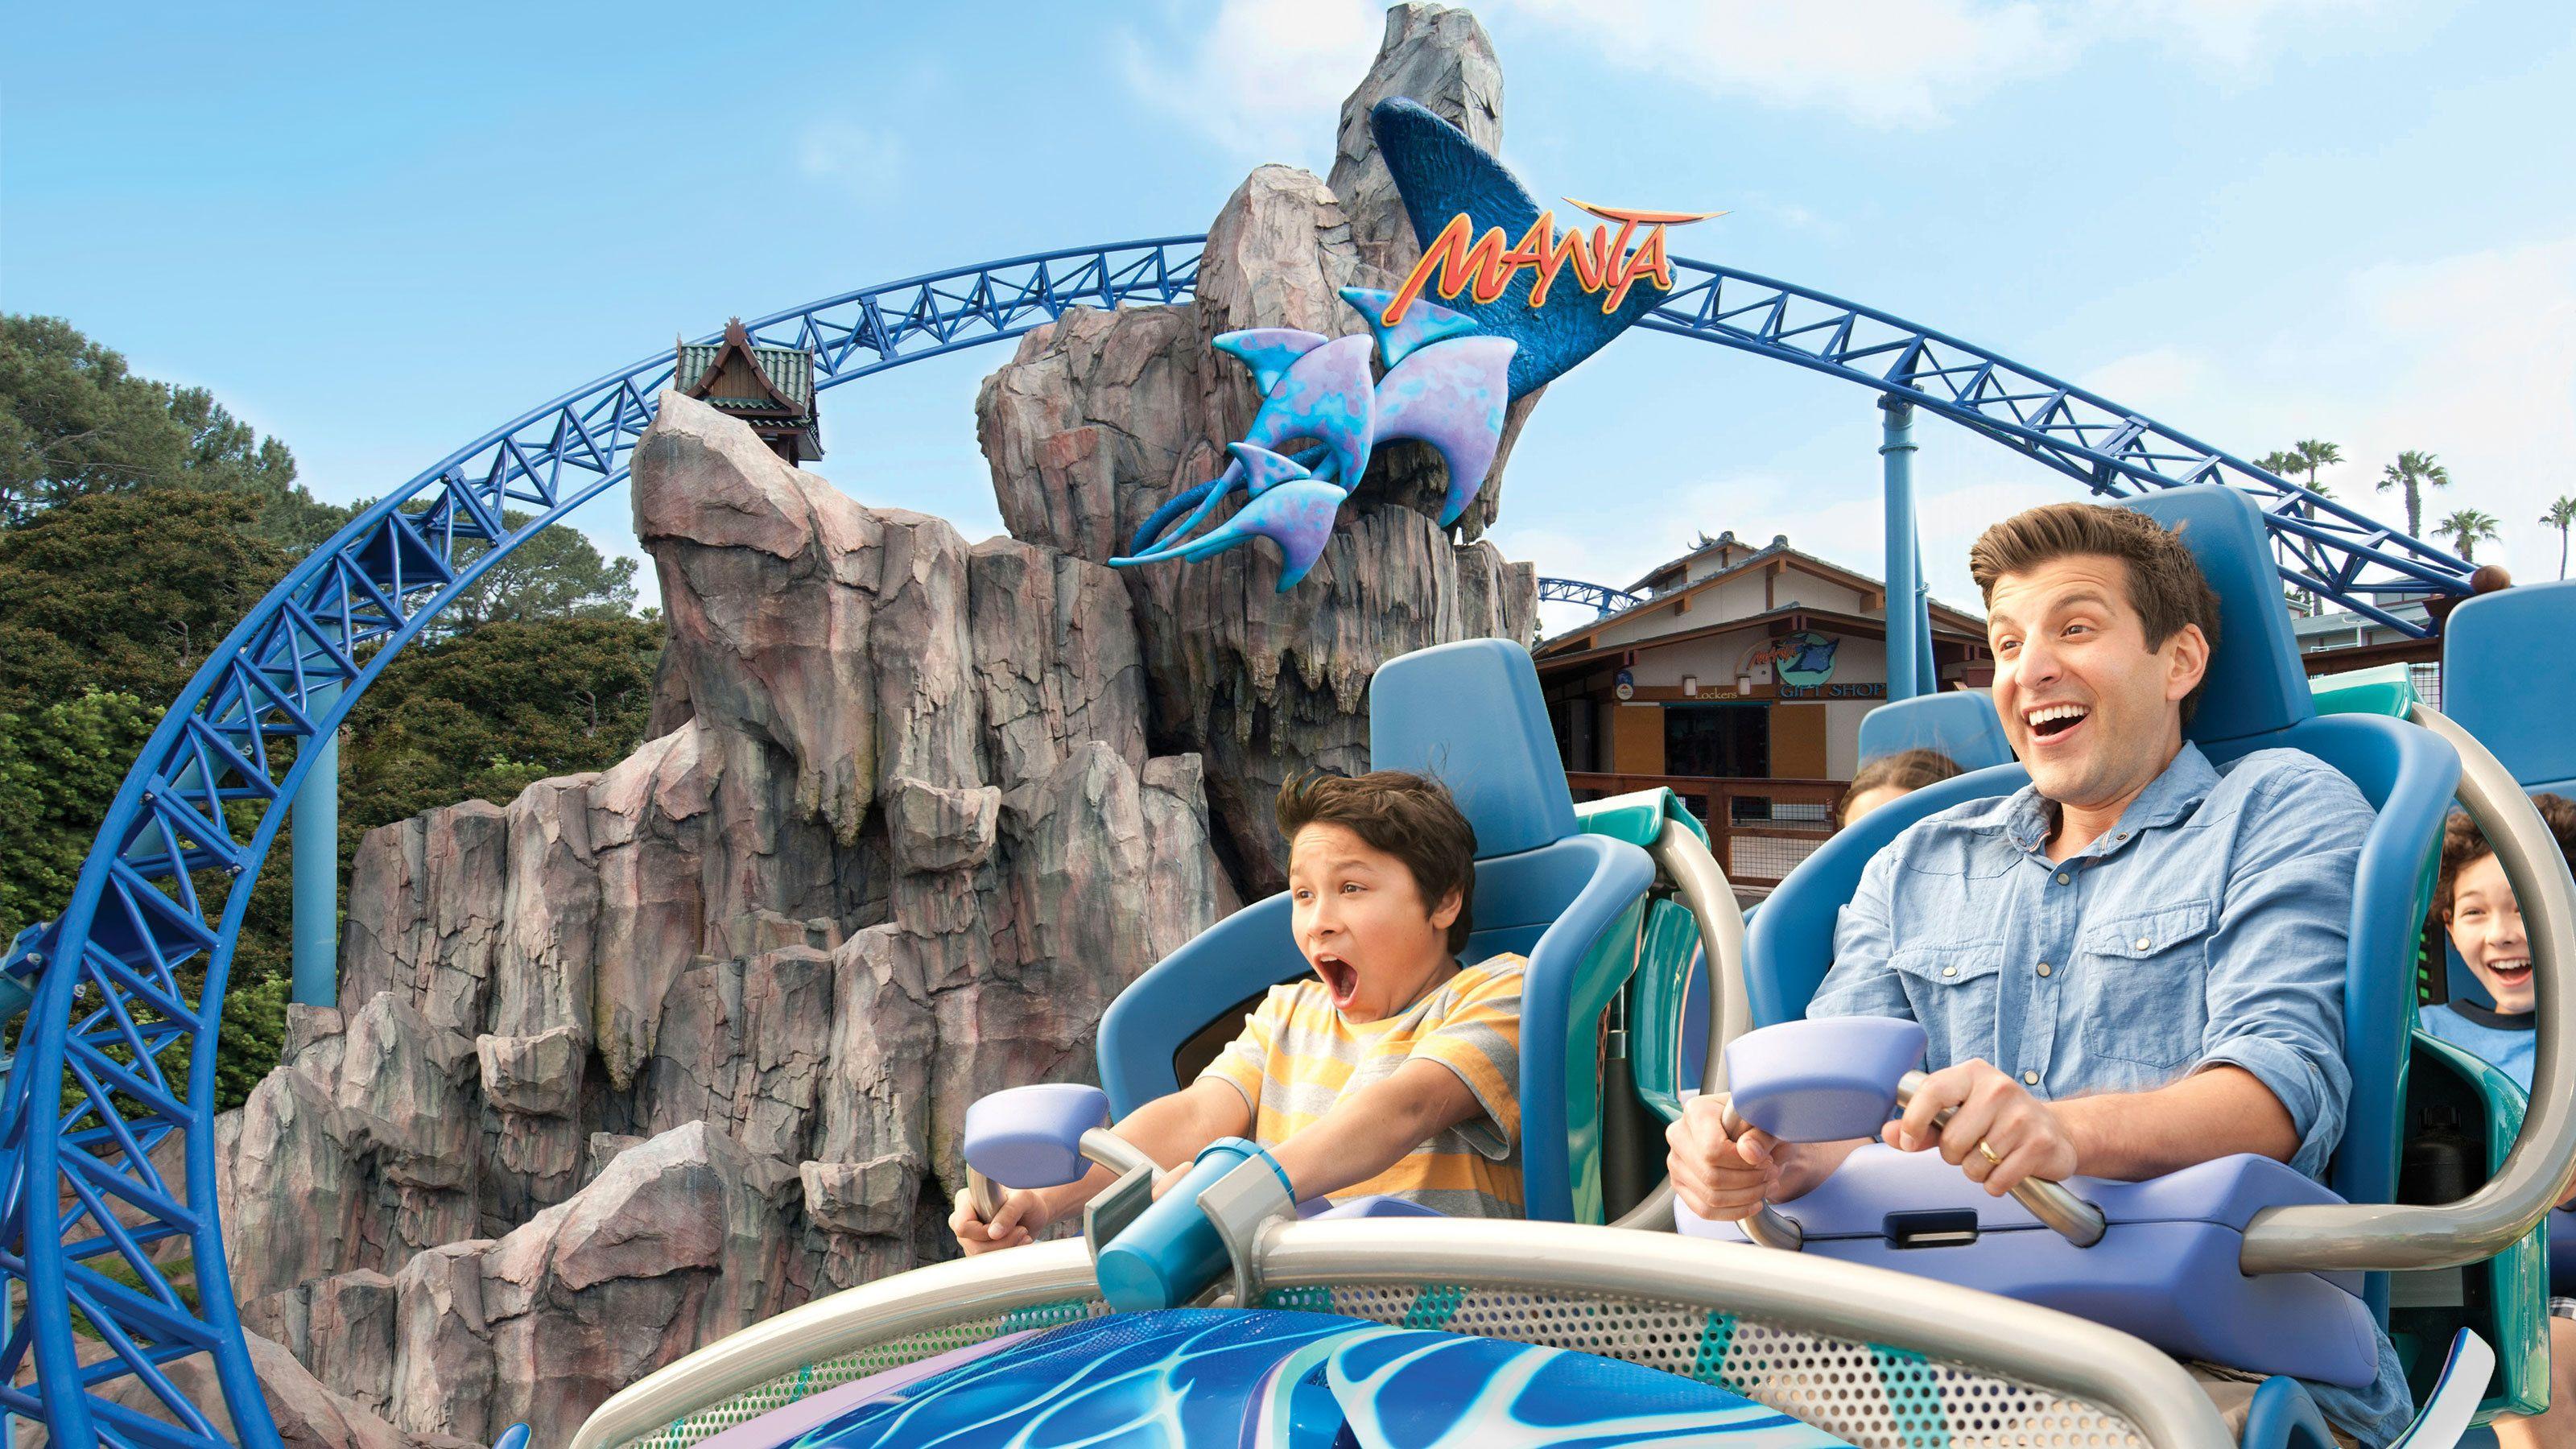 People enjoying Manta roller coaster at SeaWorld San Diego